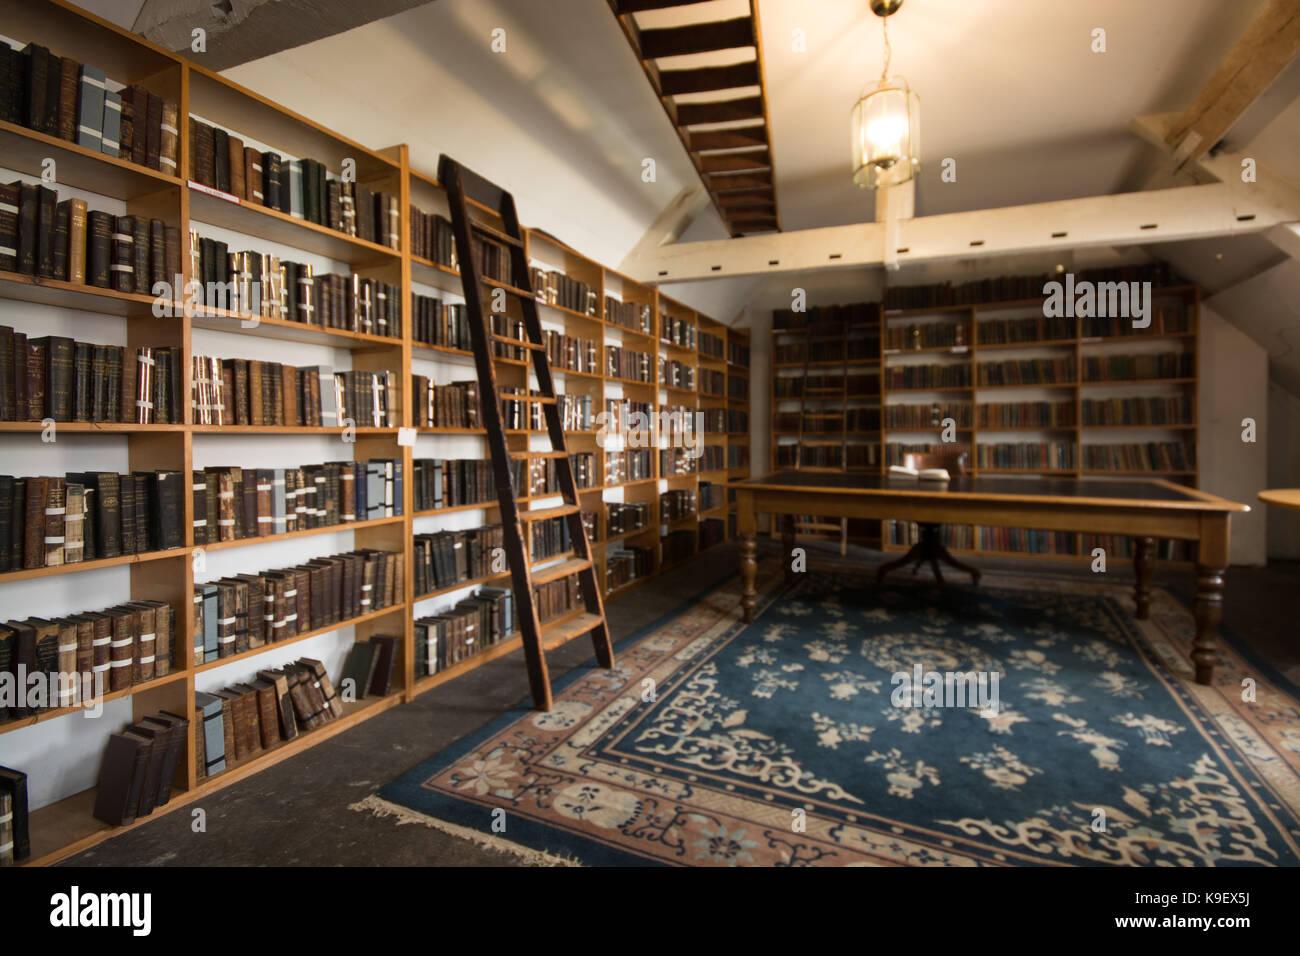 Zimmer in bromley Haus Bibliothek Nottingham mit Bücher und Tabelle ...